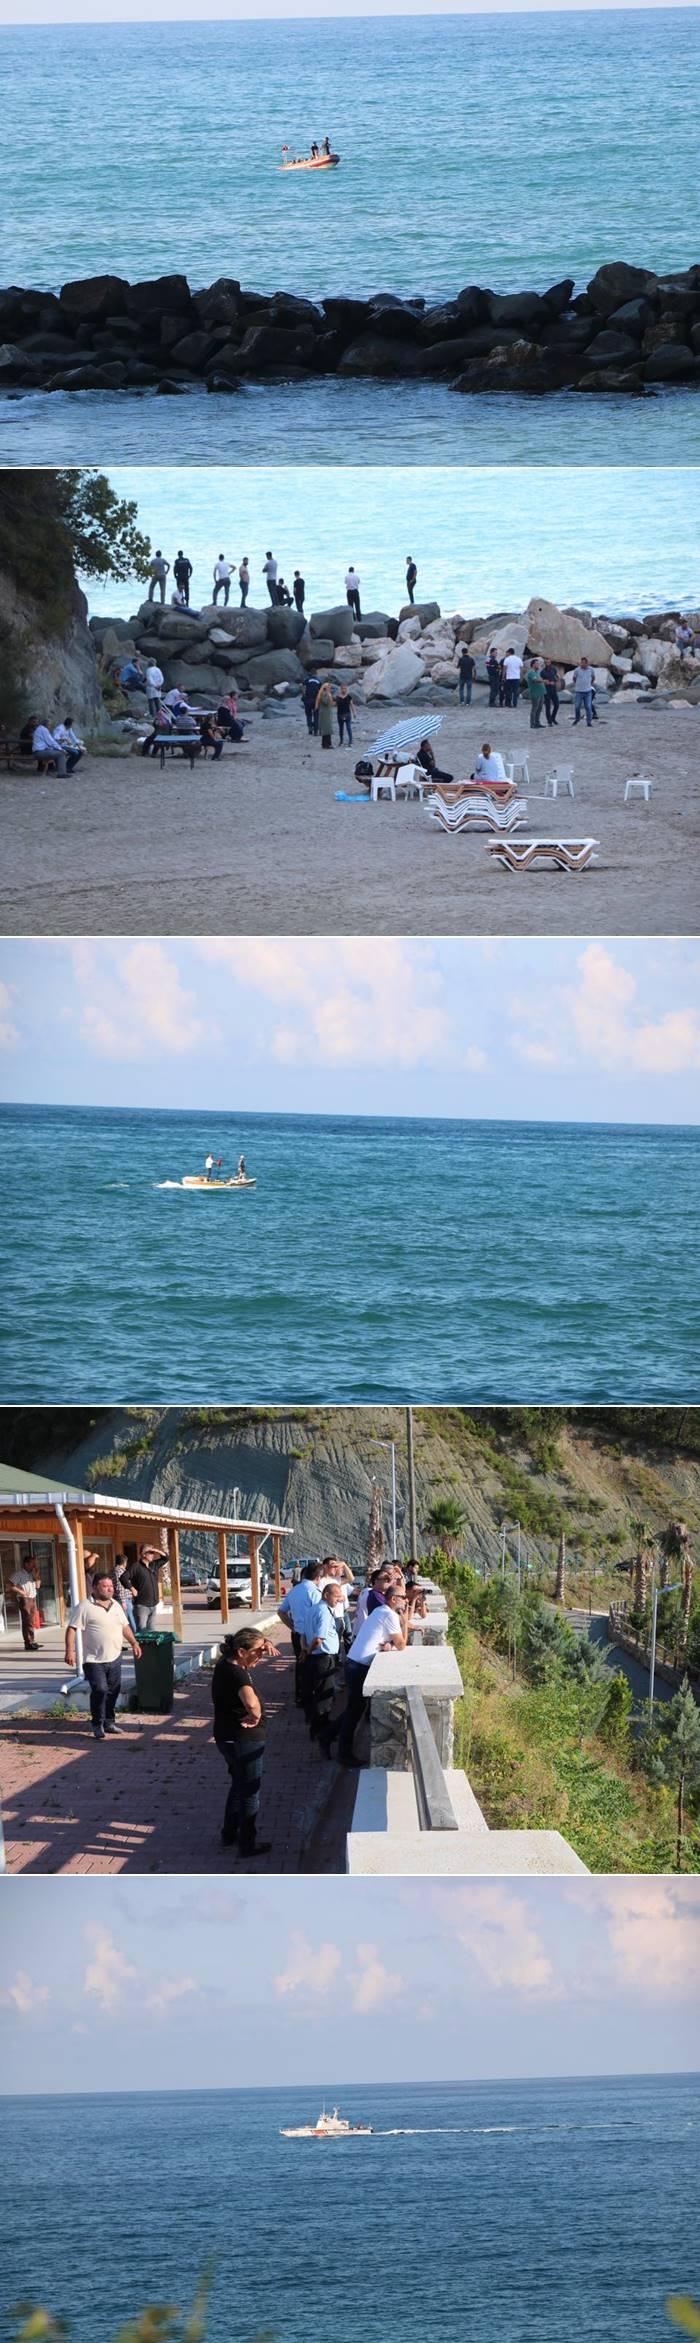 Kastamonu'dan Ayancık'a gezmeye gelen 3 kişi, Ünlüce köyü Çamurca Plajı'nda denize girdi. Bir süre denizde kalan 3 kişi boğulma tehlikesi geçirdi.